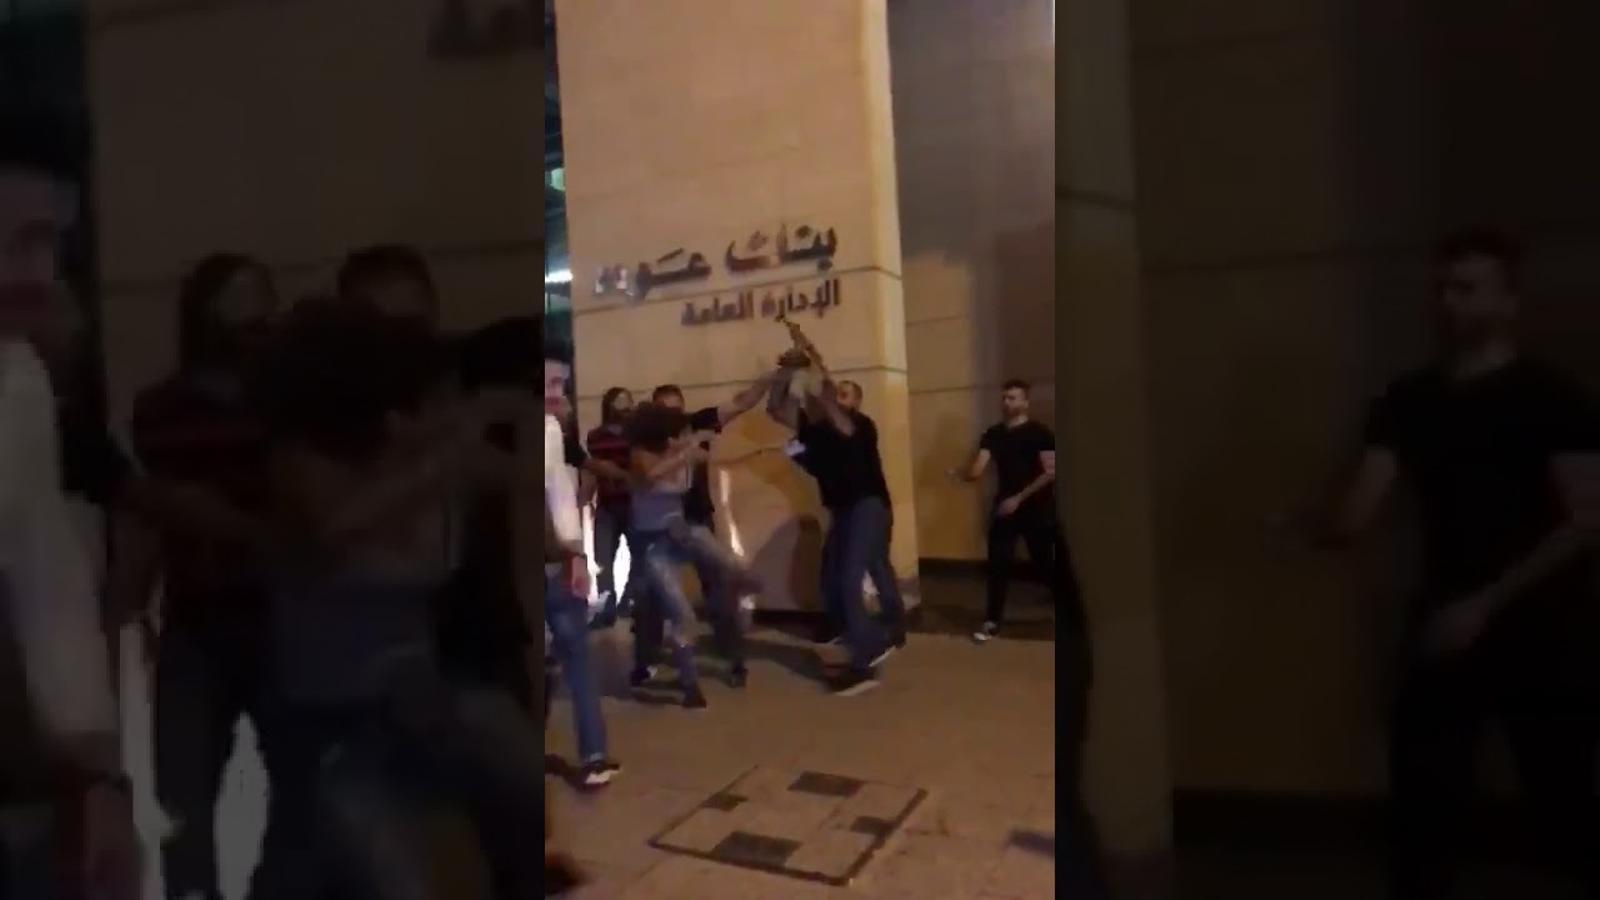 Una dona s'enfronta al guardaespatlles del ministre d'Educació libanès.